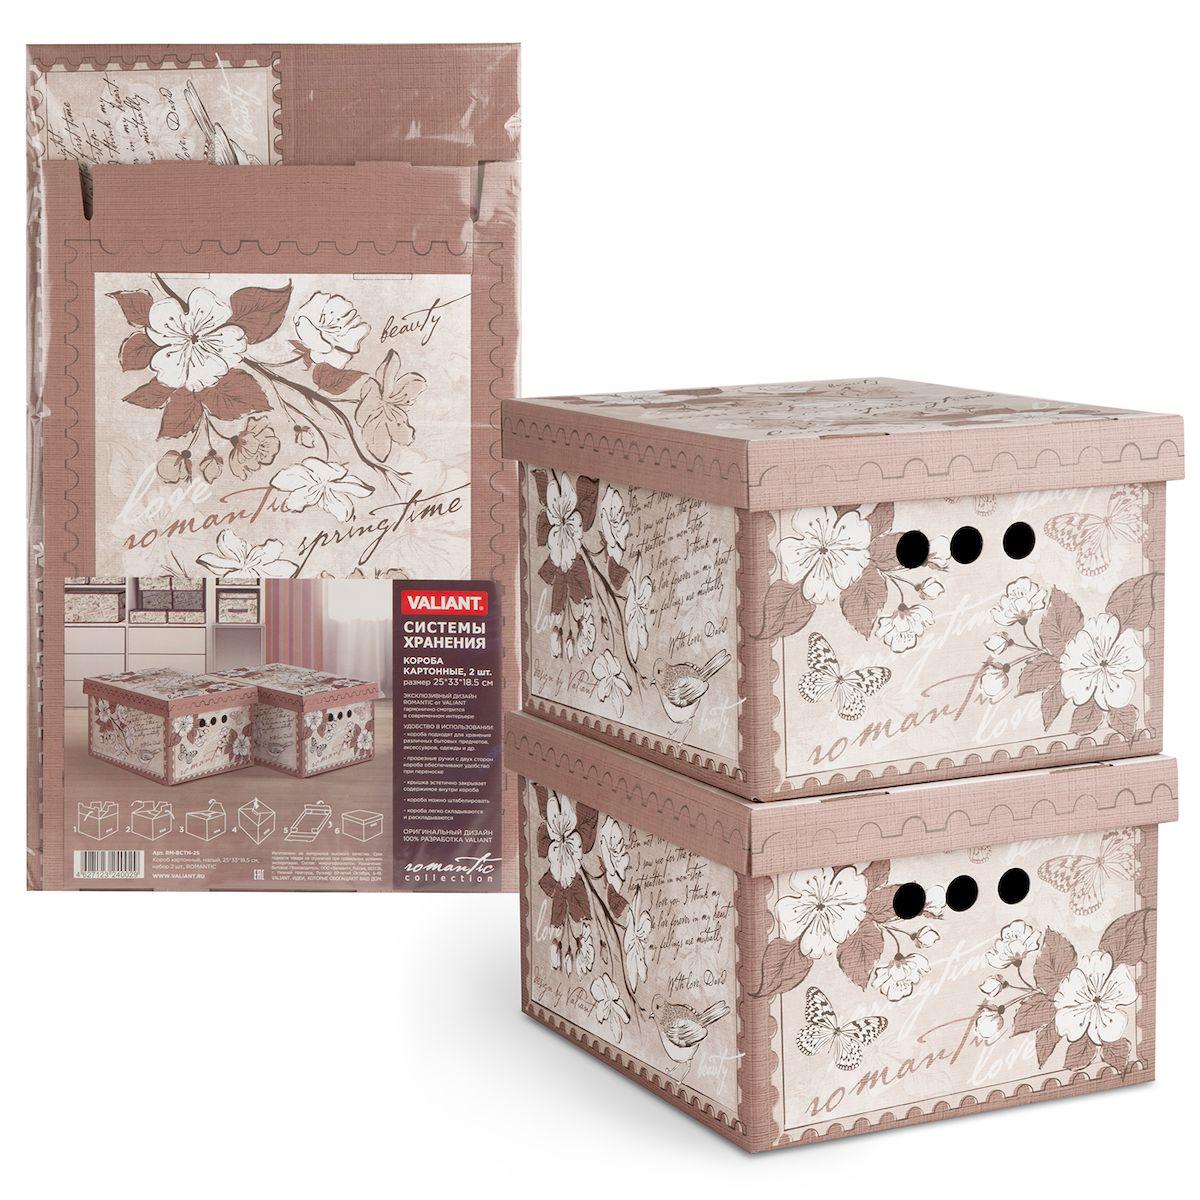 Коробка для хранения Valiant Romantic, складная, 25 х 33 х 18,5 см, 2 штRM-BCTN-2SЛегкие и прочные коробки Valiant Romantic, выполненные из картона, оформлены цветочным принтом и надписями. В комплект входят две коробки. Благодаря прорезным ручкам с двух сторон коробки удобно поднимать и переносить. Изделия оснащены крышками. Коробки являются самосборными, на упаковке имеется инструкция по сборке. Благодаря вместительности коробок вы сможете сэкономить место в вашем доме, и все вещи всегда будут в порядке.